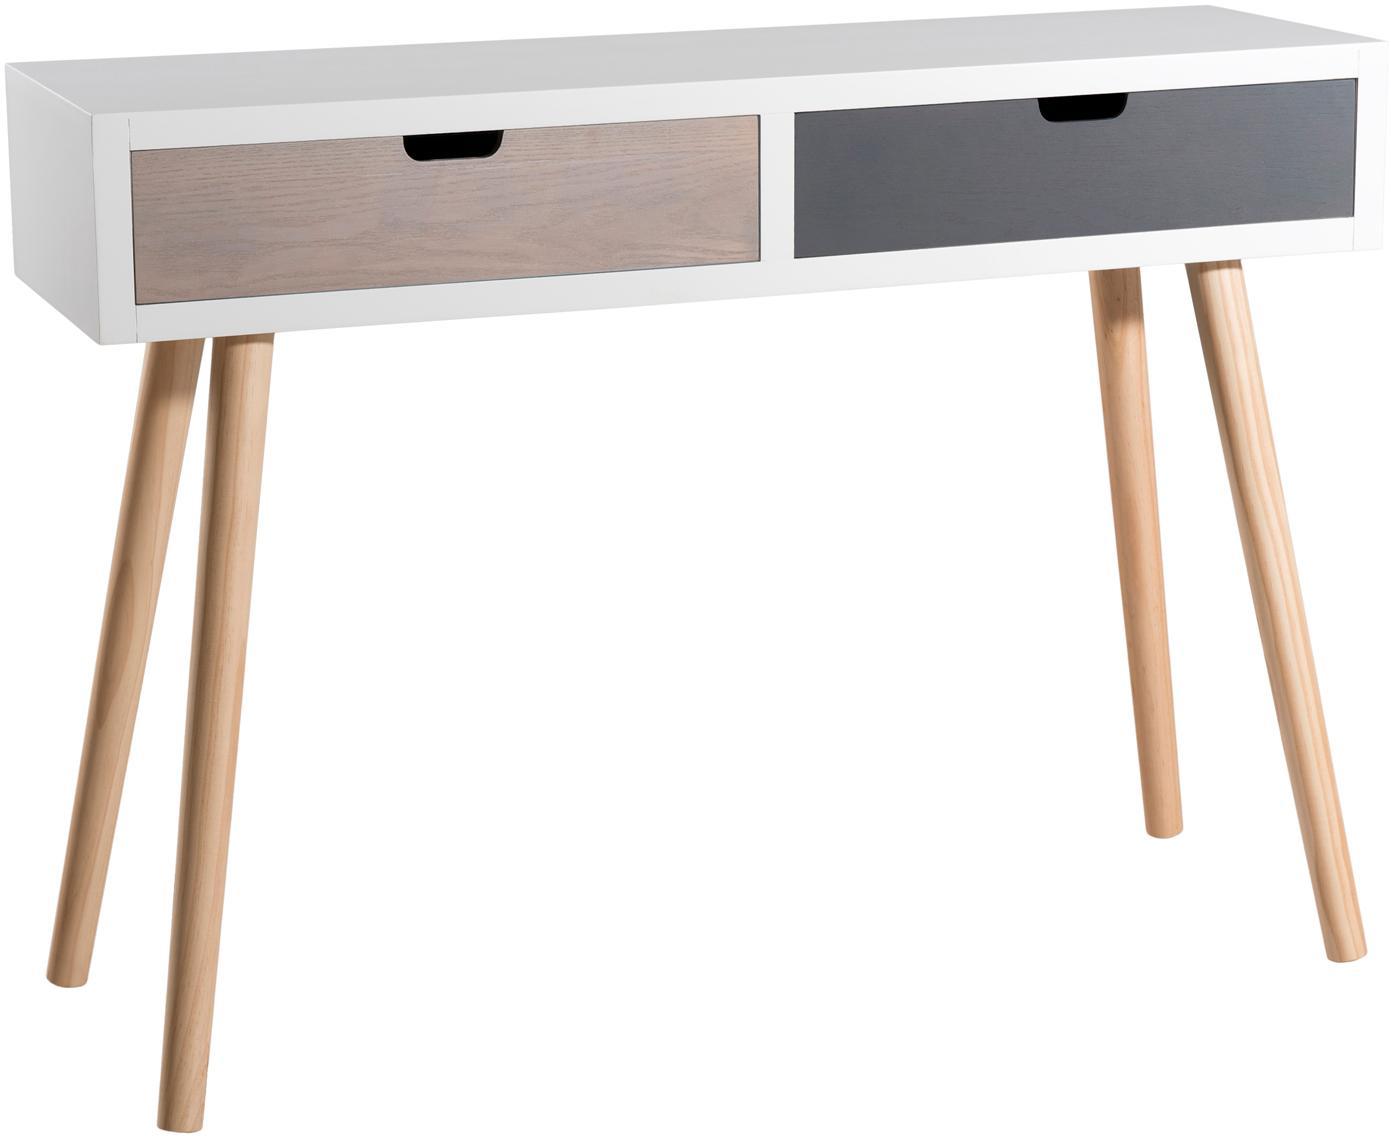 Consola Enzo, con 2 cajones, Estructura: tablero de fibras de dens, Patas: madera de pino, pintado, Blanco, marrón, gris. Pino, An 110 x F 33 cm